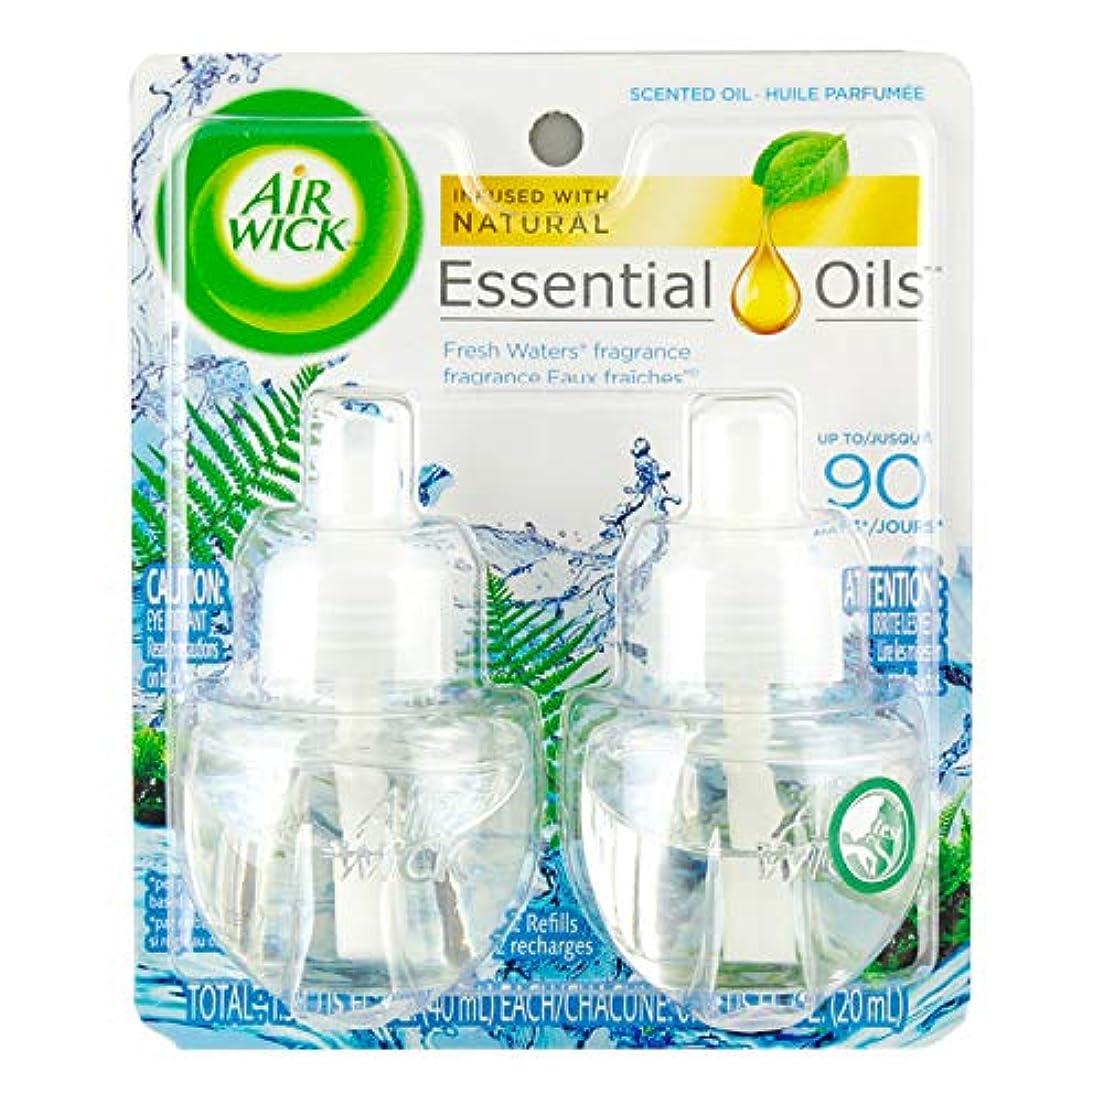 優先排出優雅【Air Wick/エアーウィック】 プラグインオイル詰替えリフィル(2個入り) フレッシュウォーター Air Wick Scented Oil Twin Refill Fresh Waters (2X.67) Oz. [並行輸入品]